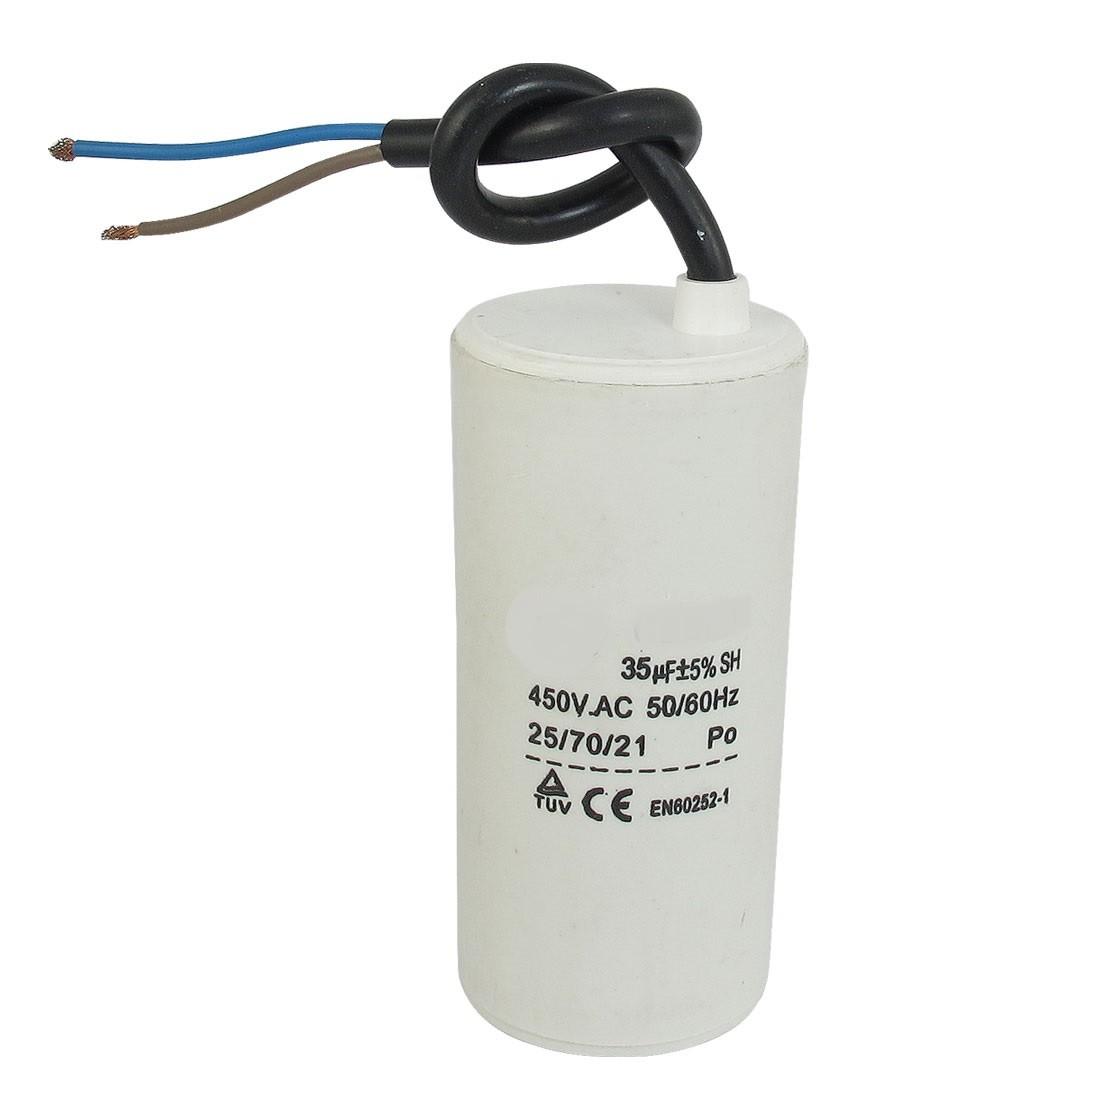 Motor run capacitor 6 µF 30x60mm 450Vac 5%  85°C